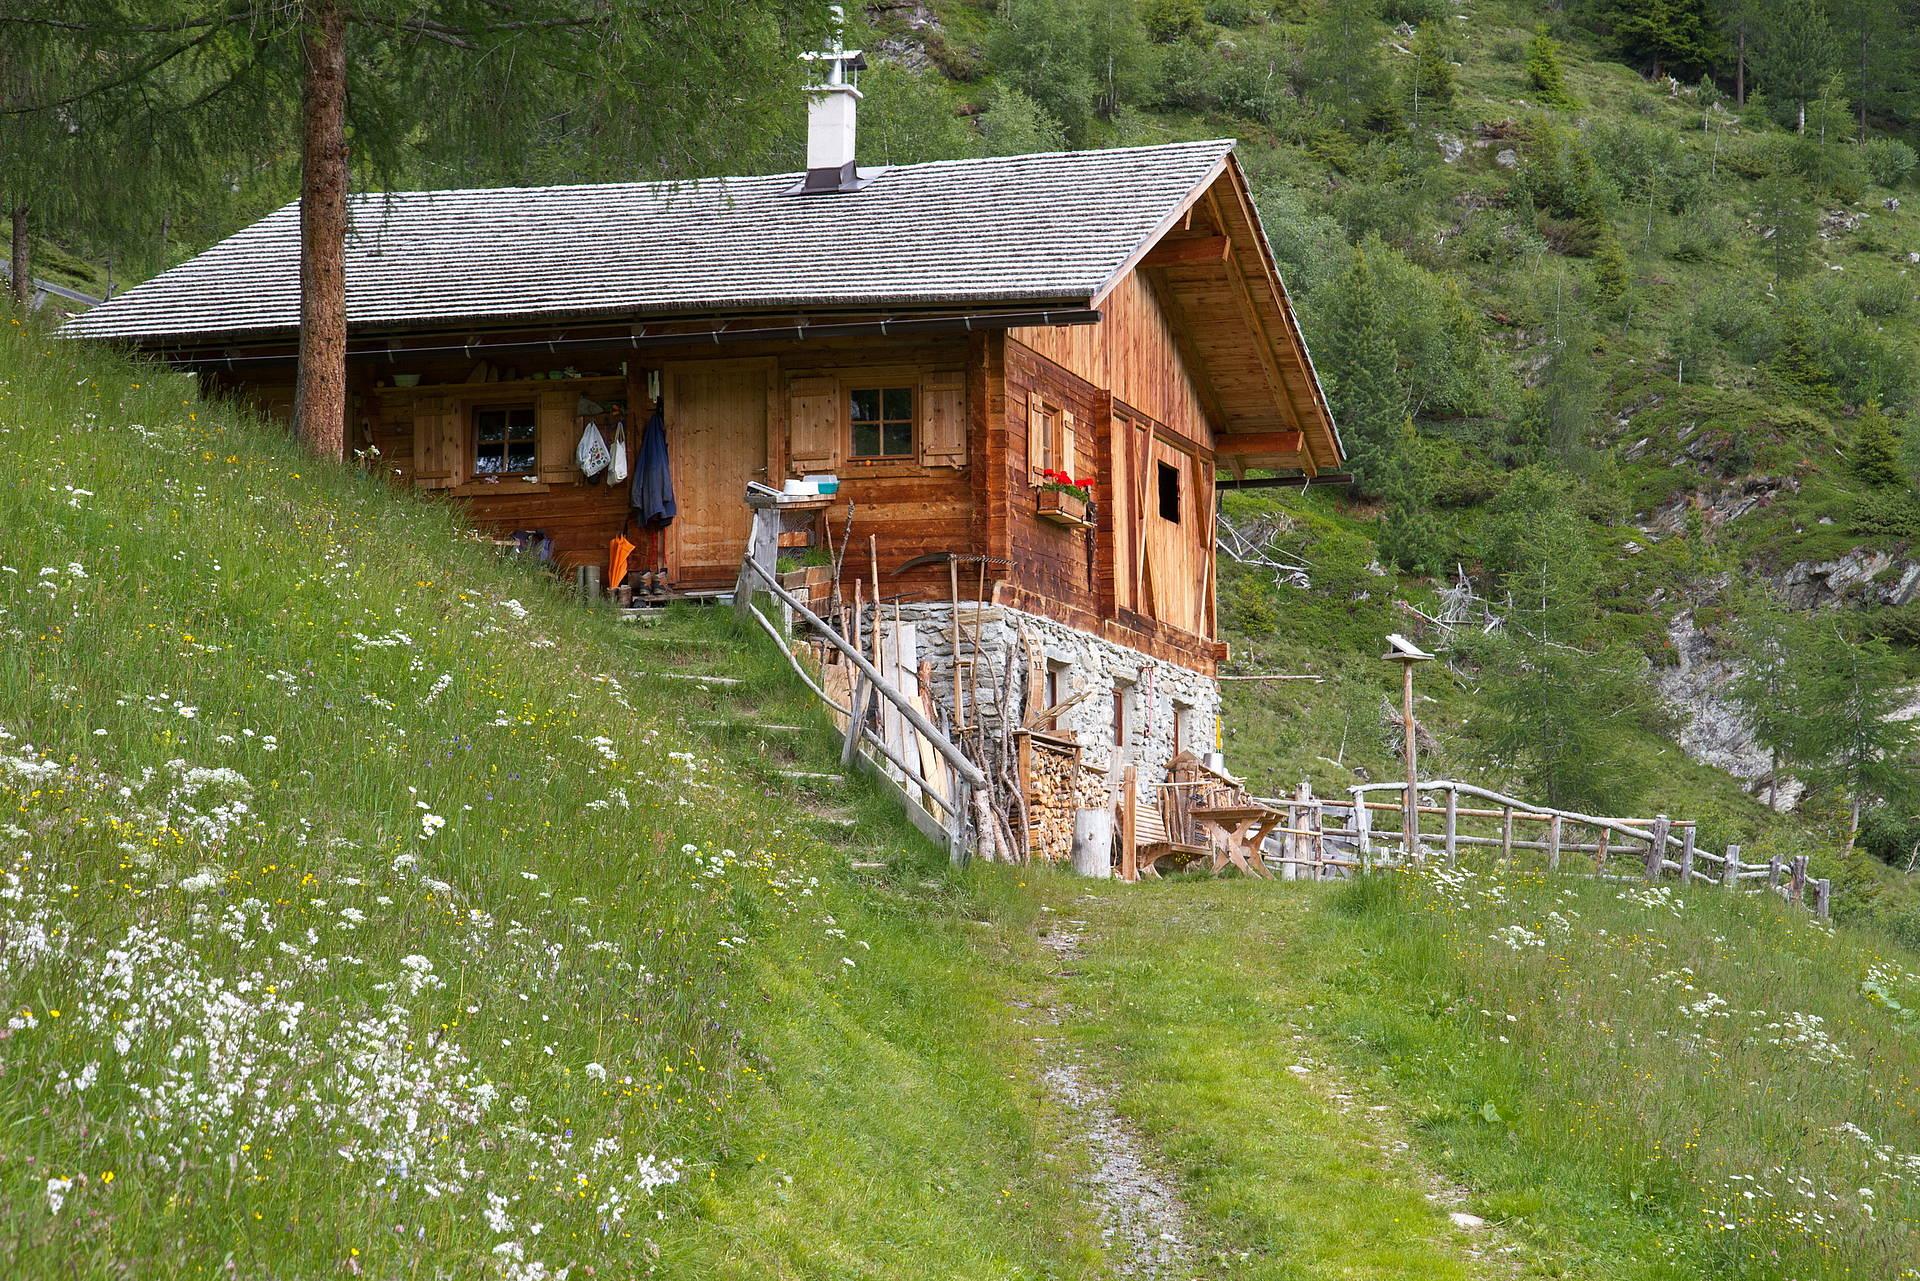 Ferienhäuser Und Wanderhütten Im Forum Anders Reisen